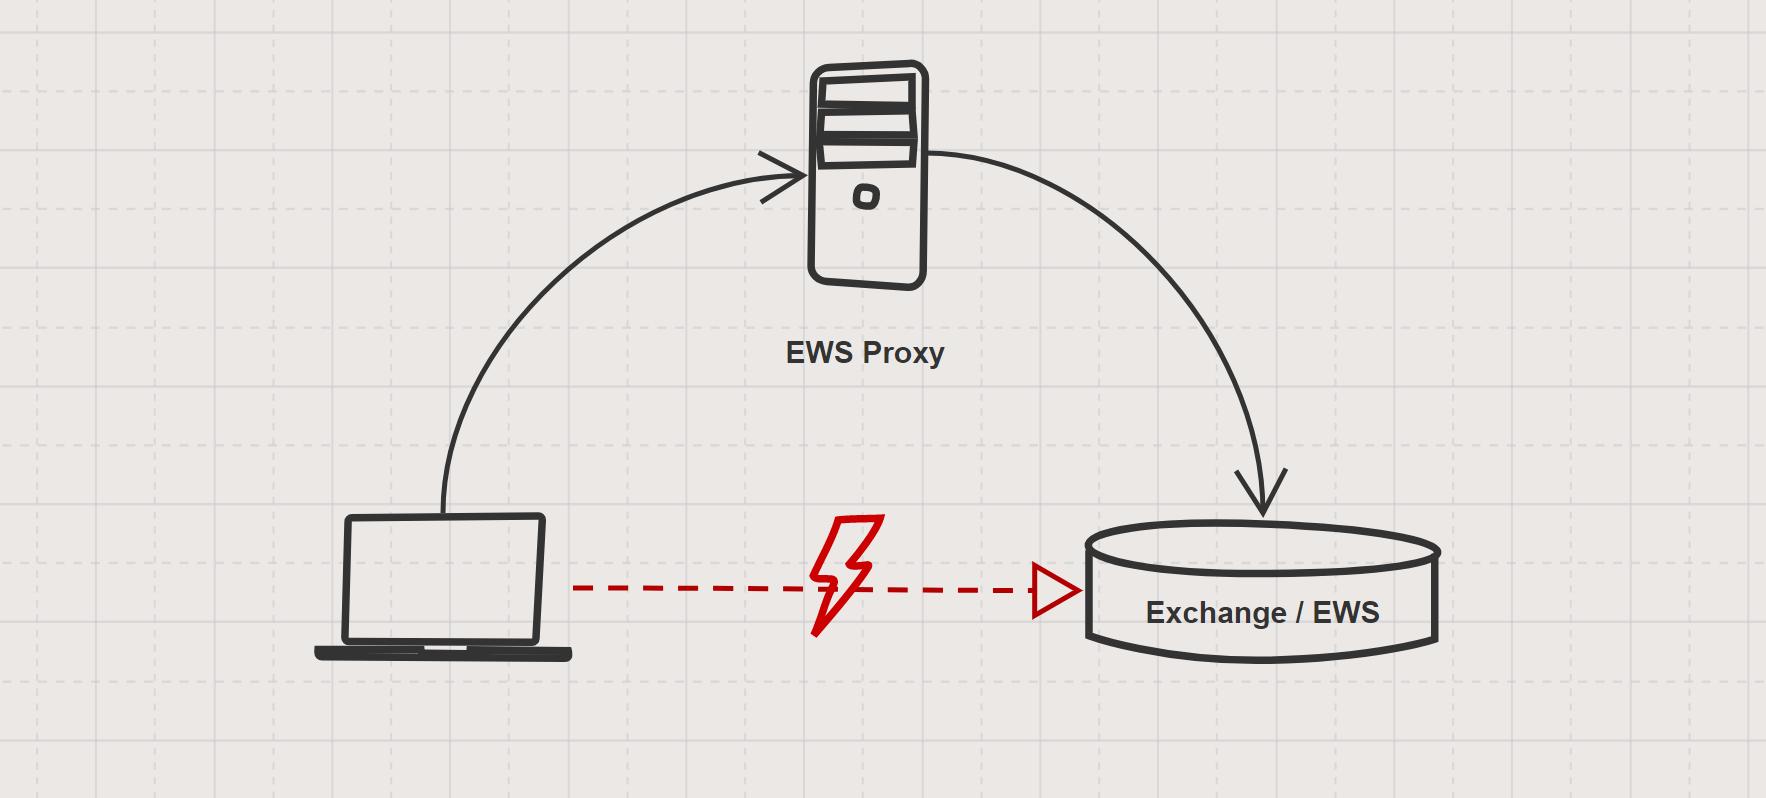 GitHub - yasoonOfficial/yasoon-ews-proxy: Restful API proxy for